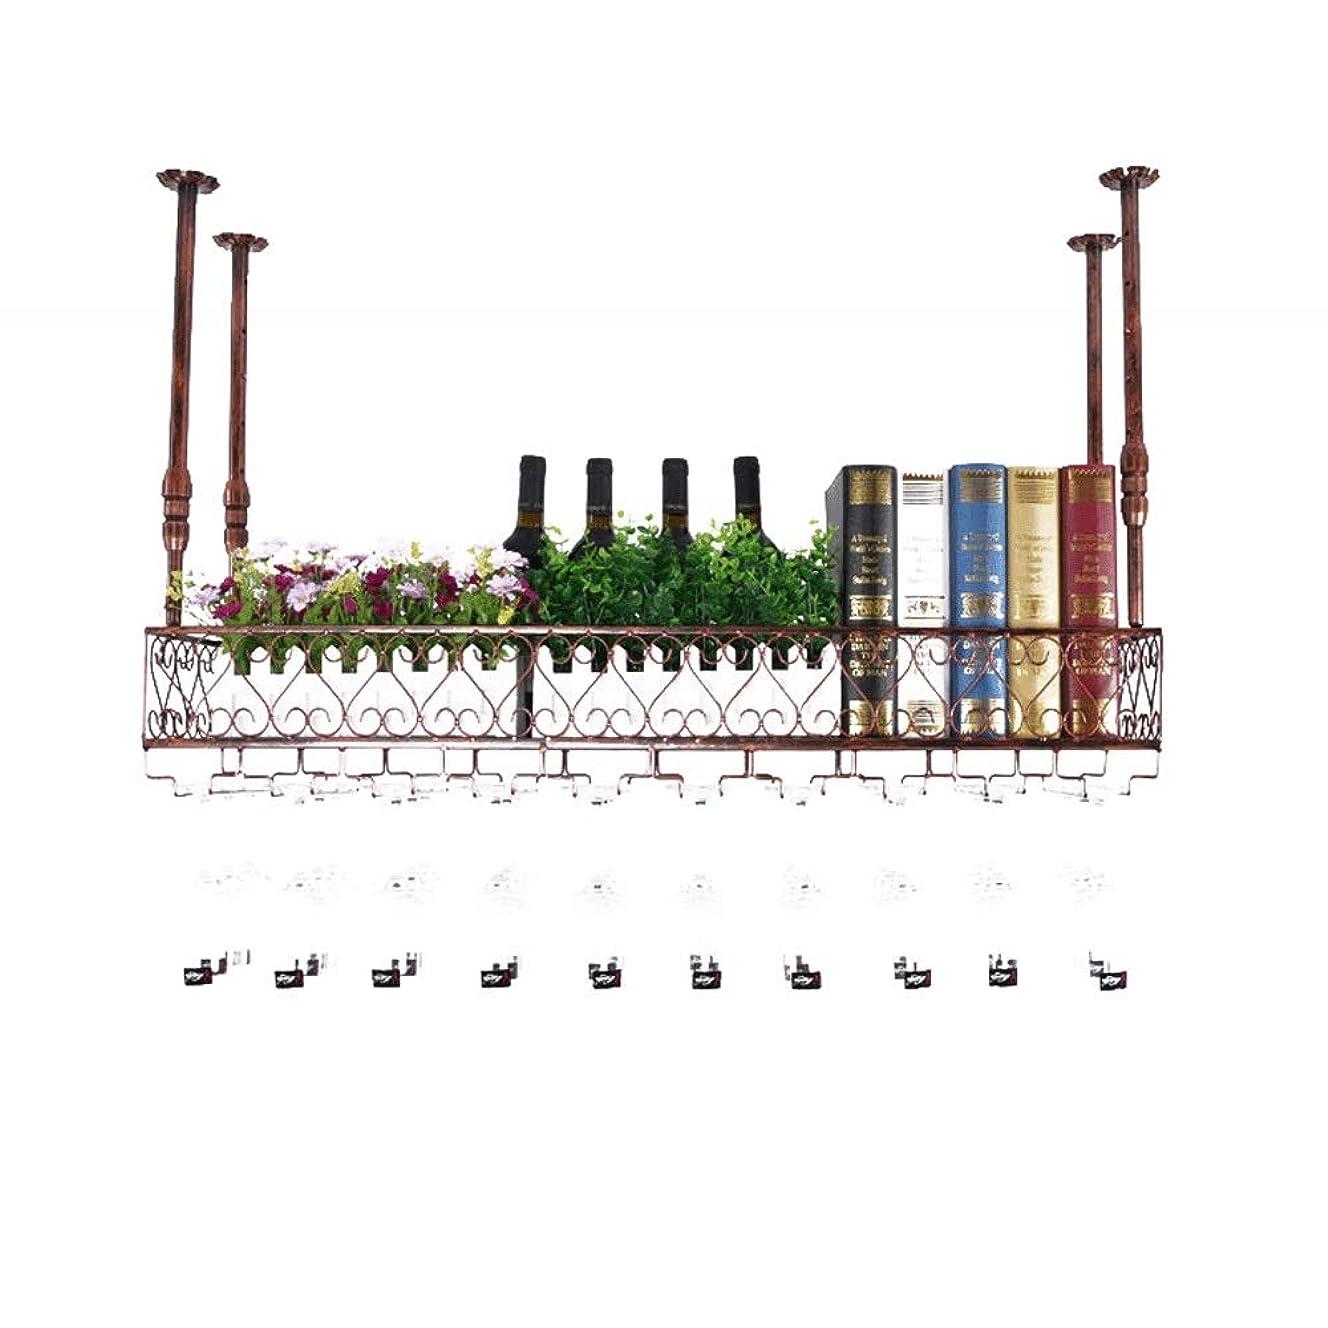 チャネル寄付説明的QM ワインラックホームハンギングワインラック高さ調節可能な上下逆さまのゴブレットラッククリエイティブバーワインラック天井ハンガー (色 : ブロンズ, サイズ さいず : 50x25cm)